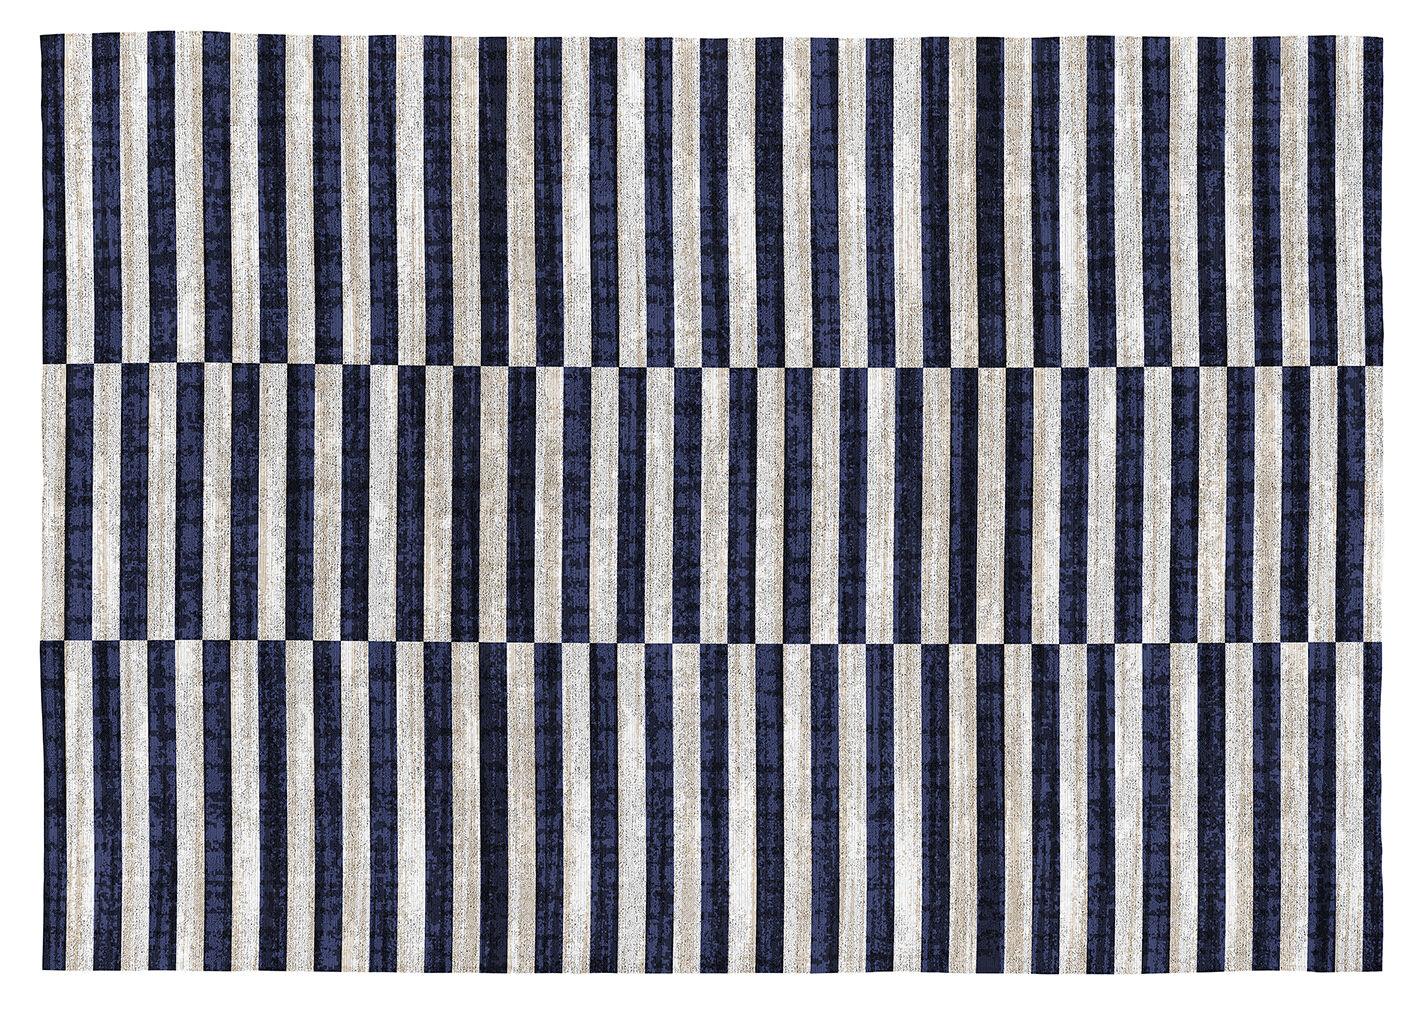 Rugs&Rugs Tapis décoratif en coton en impression numérique 160x230